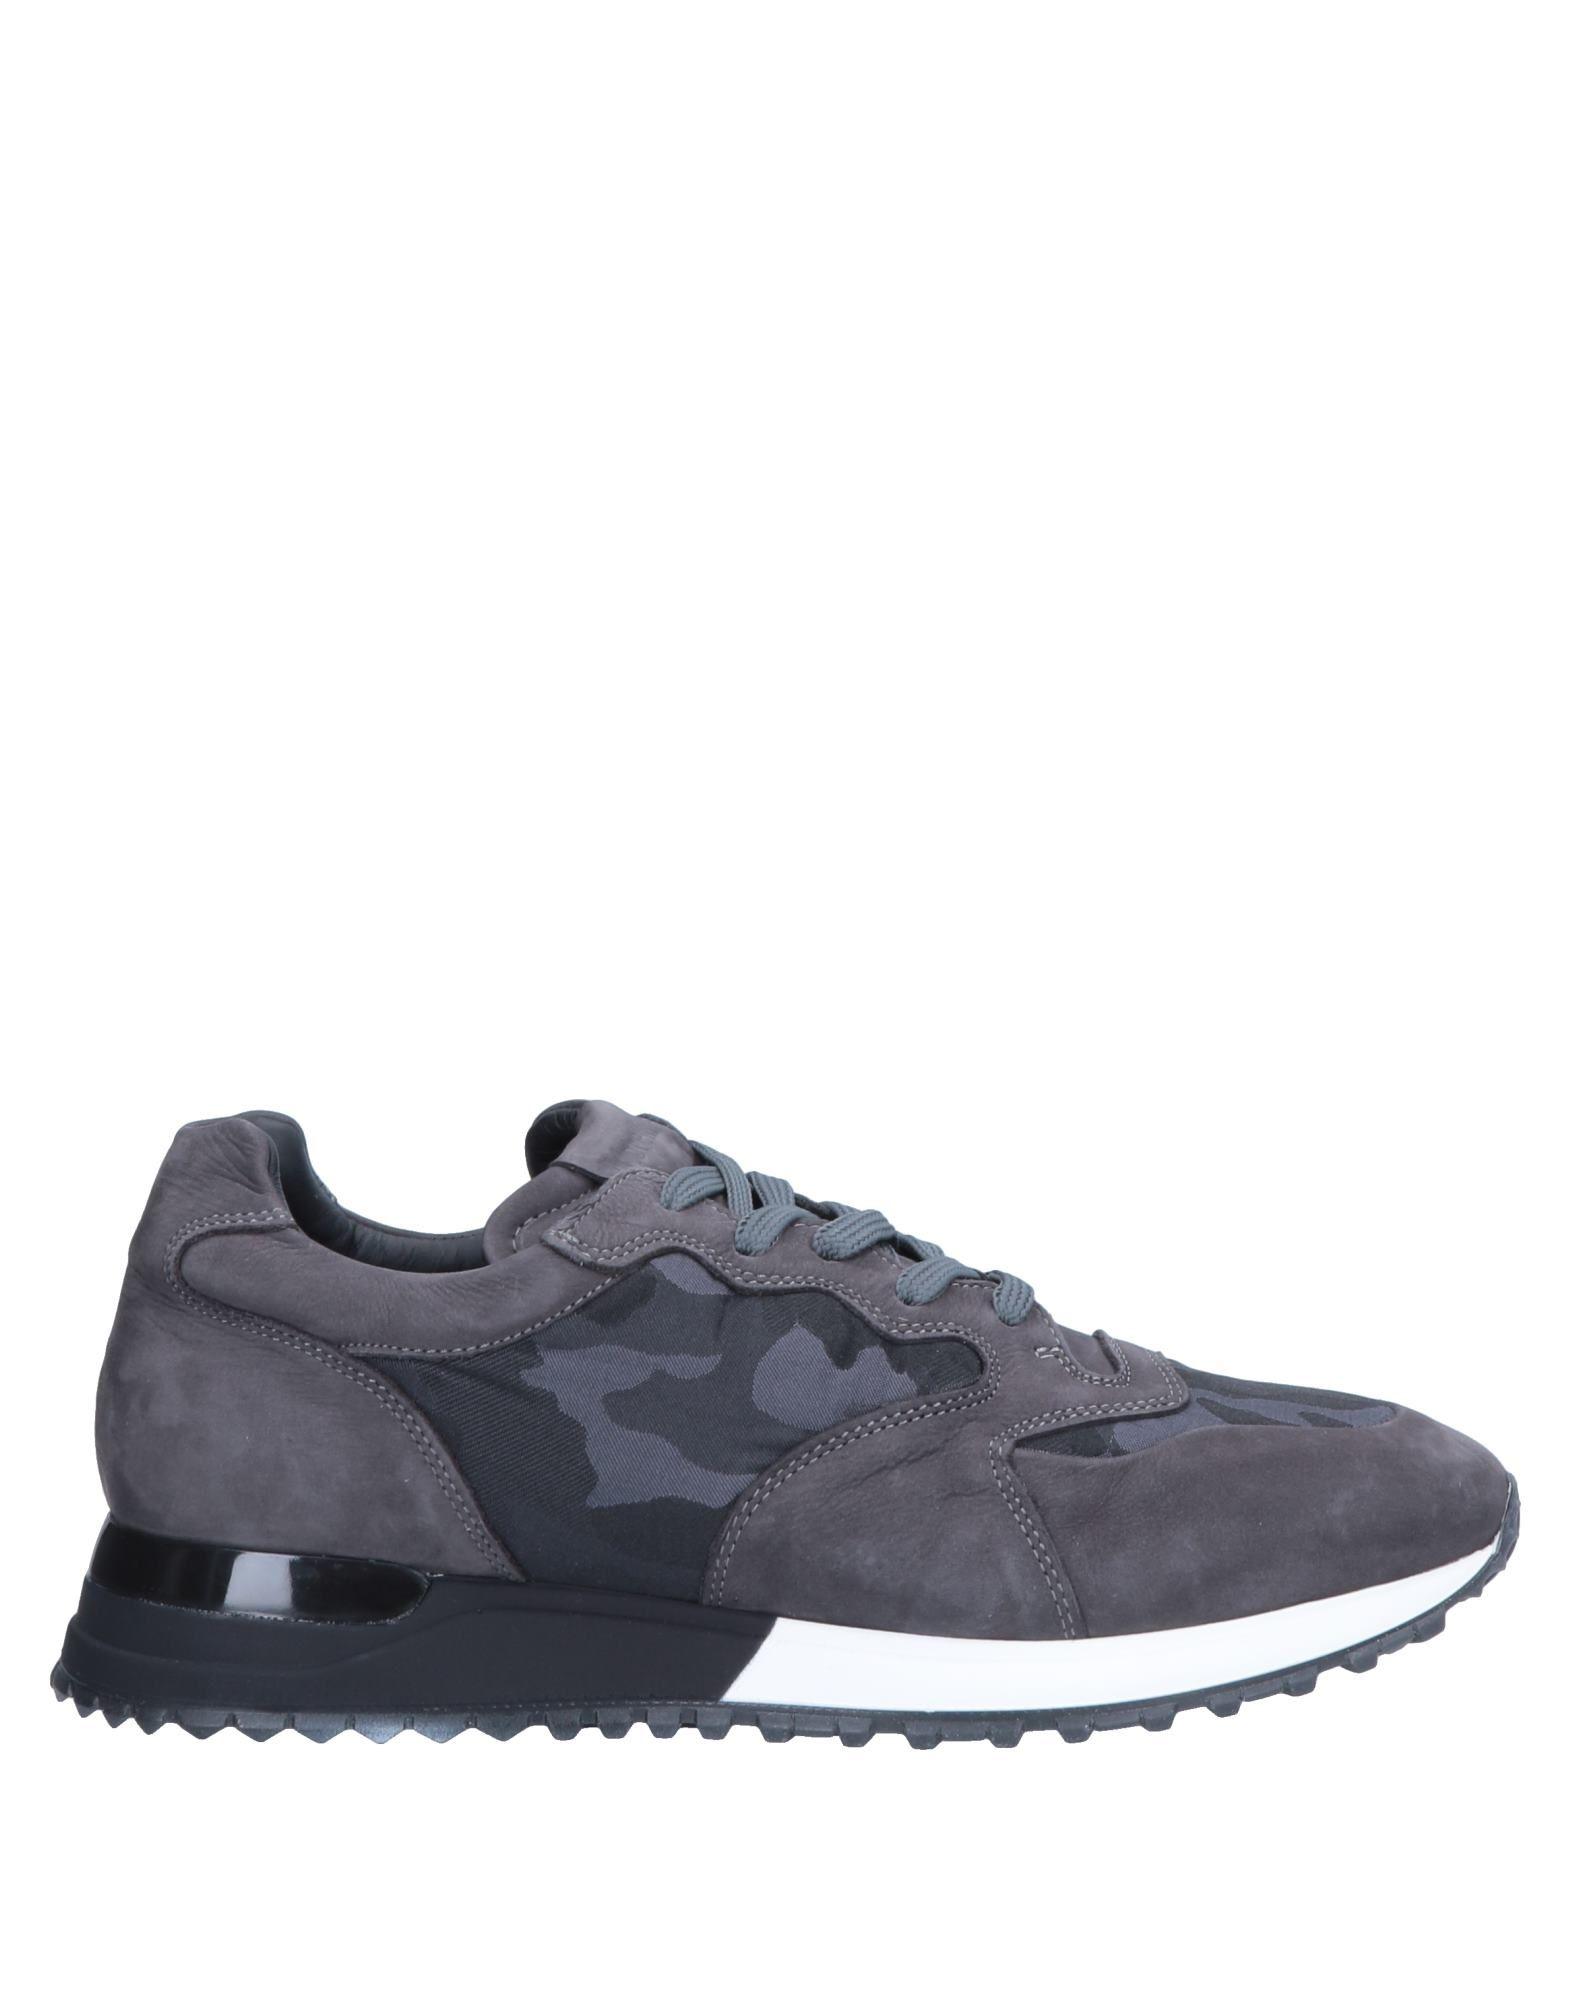 Rabatt echte Schuhe Andrea Morelli Sneakers Herren  11560241LO